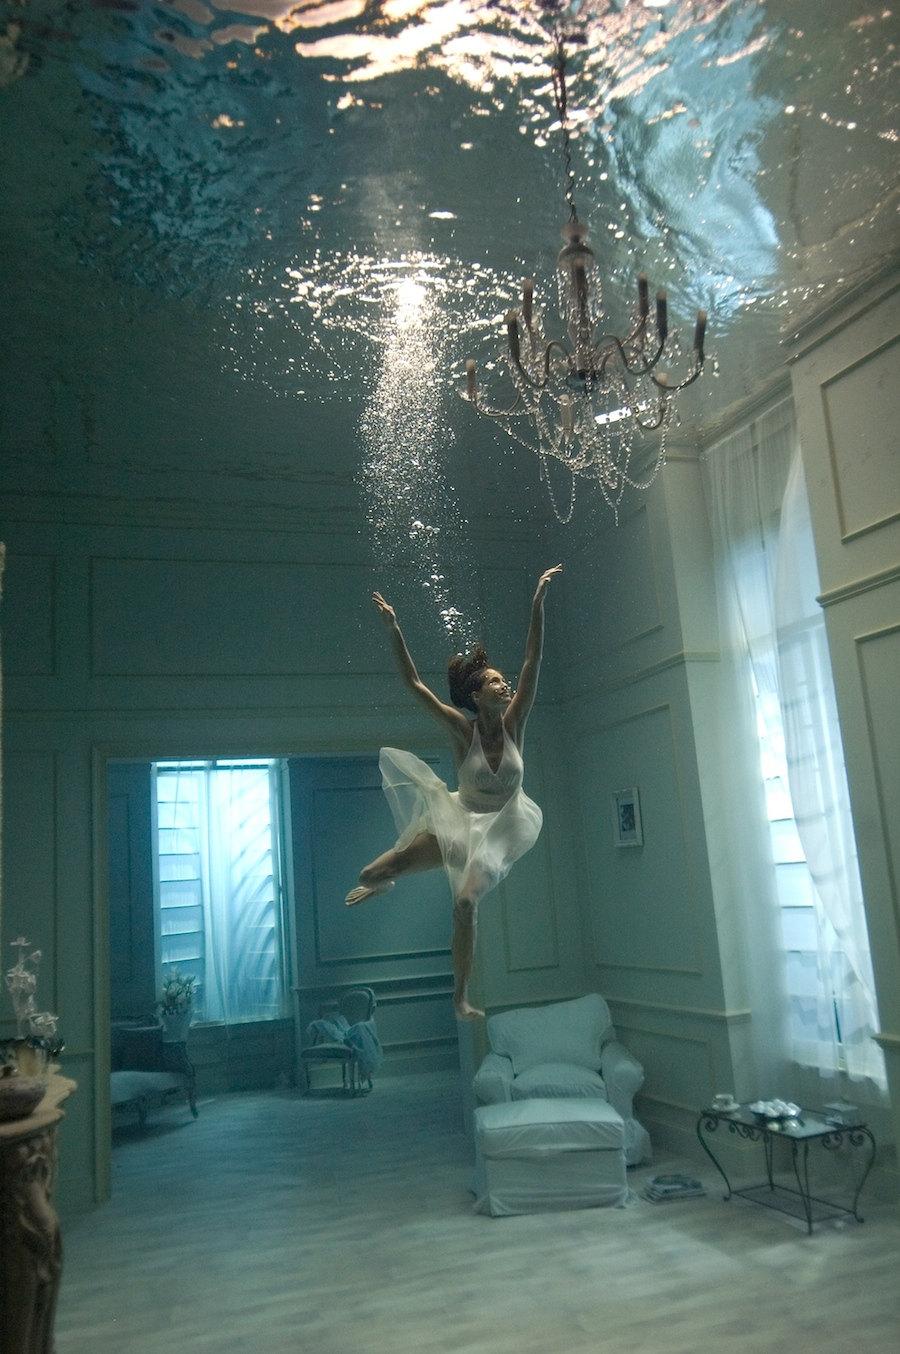 fotografia-subacquea-ritratti-phoebe-rudomino-5